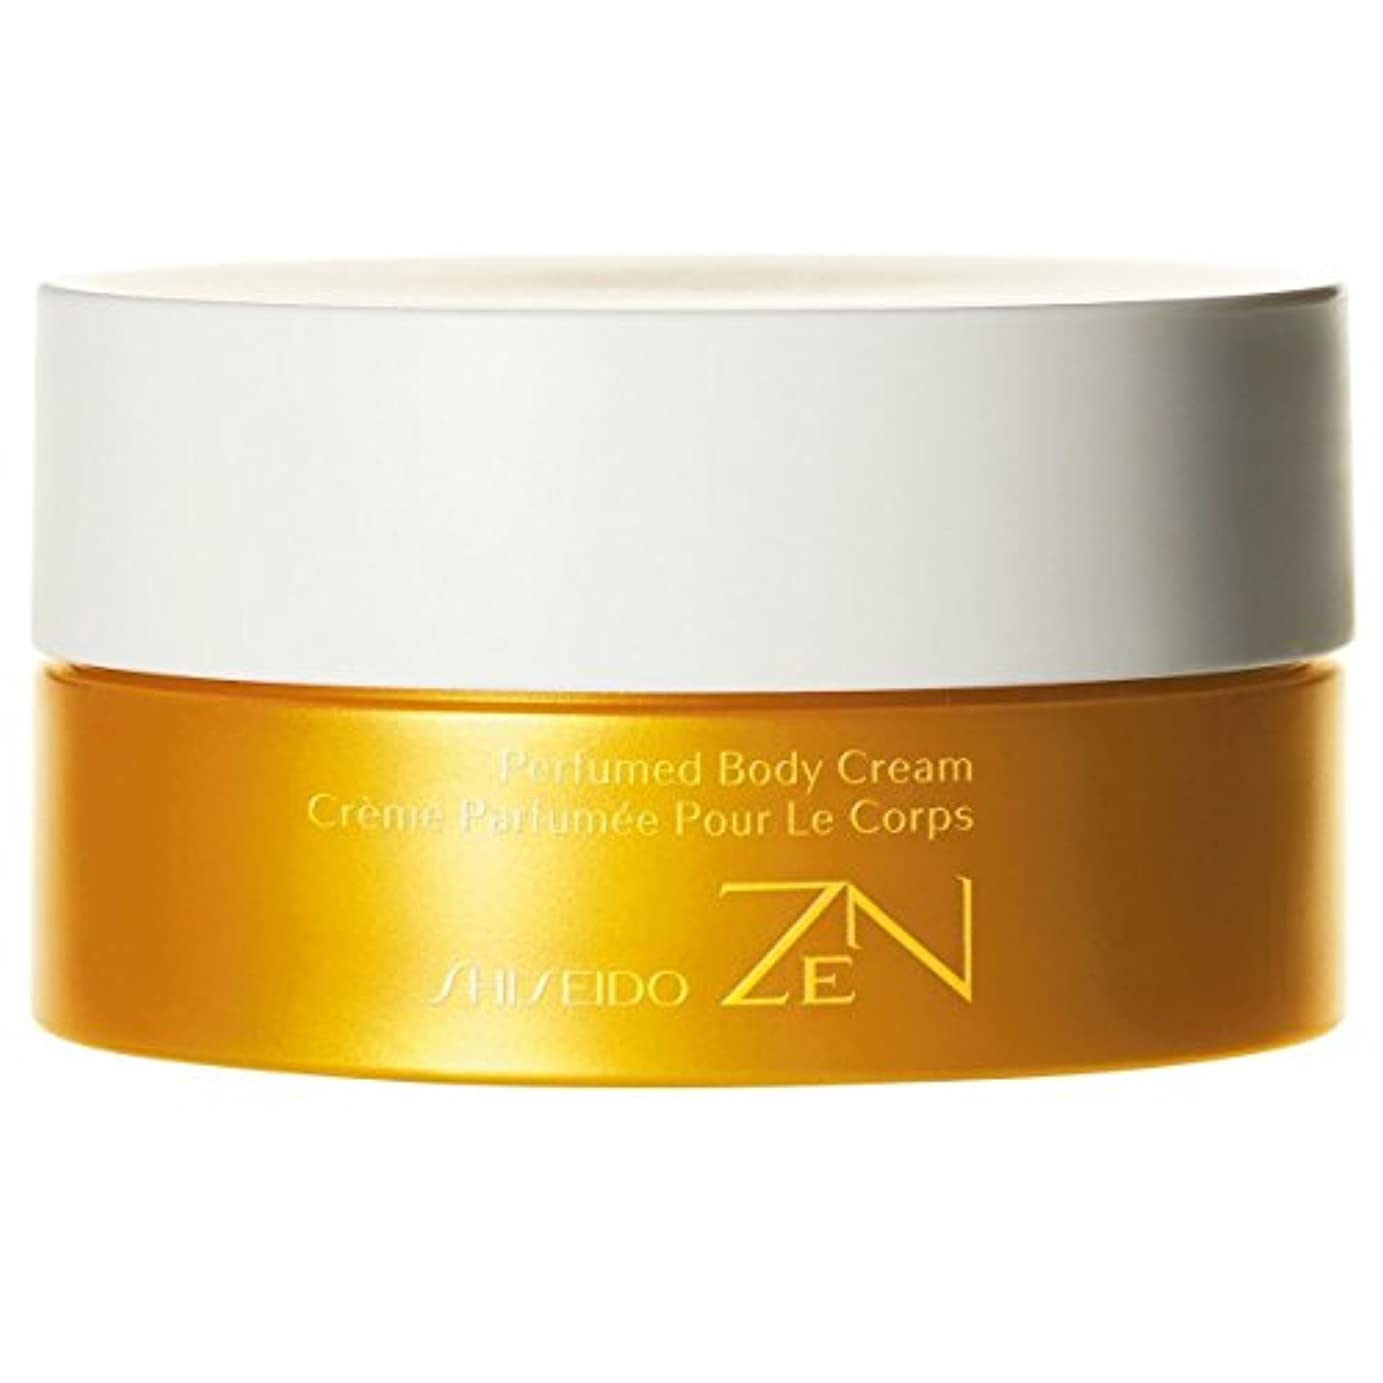 凍る奨励します輪郭[Shiseido ] 資生堂禅香りのボディクリーム200ミリリットル - Shiseido Zen Perfumed Body Cream 200ml [並行輸入品]